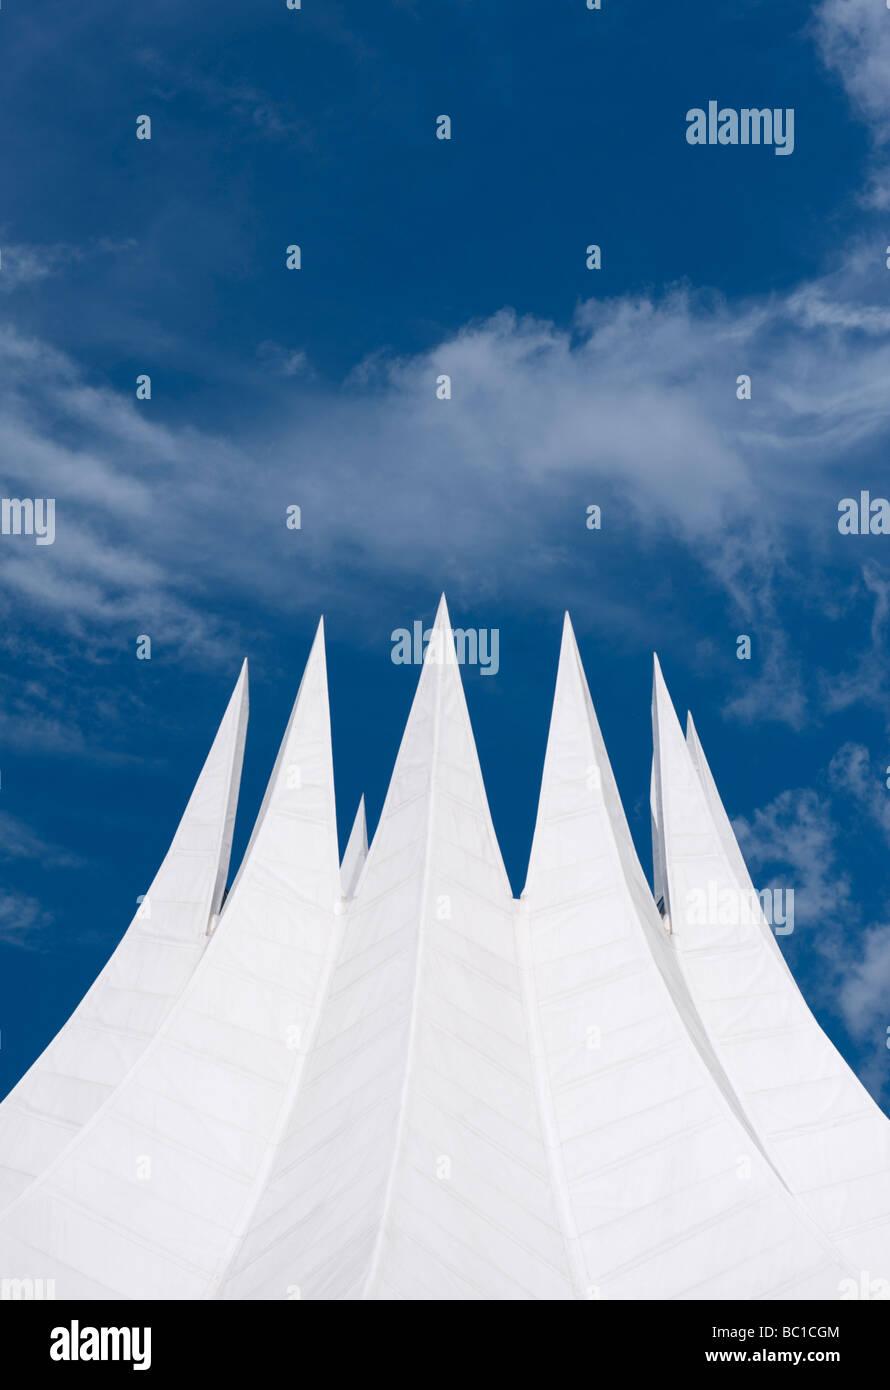 Detalle de la espectacular techo blanco del Tempodrom Concert Hall en Berlín. Imagen De Stock